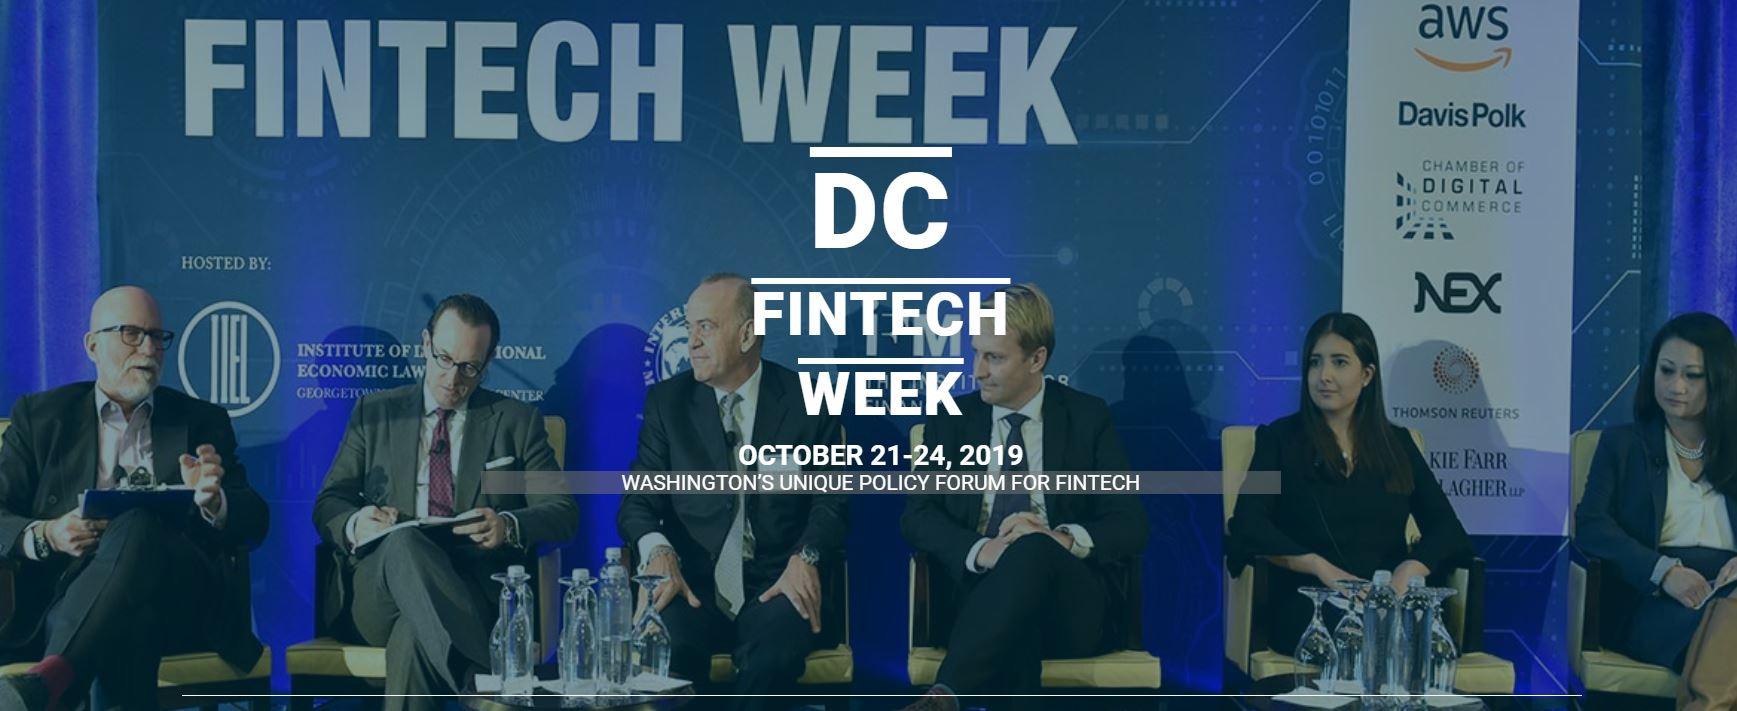 DC Fintech Week 2019